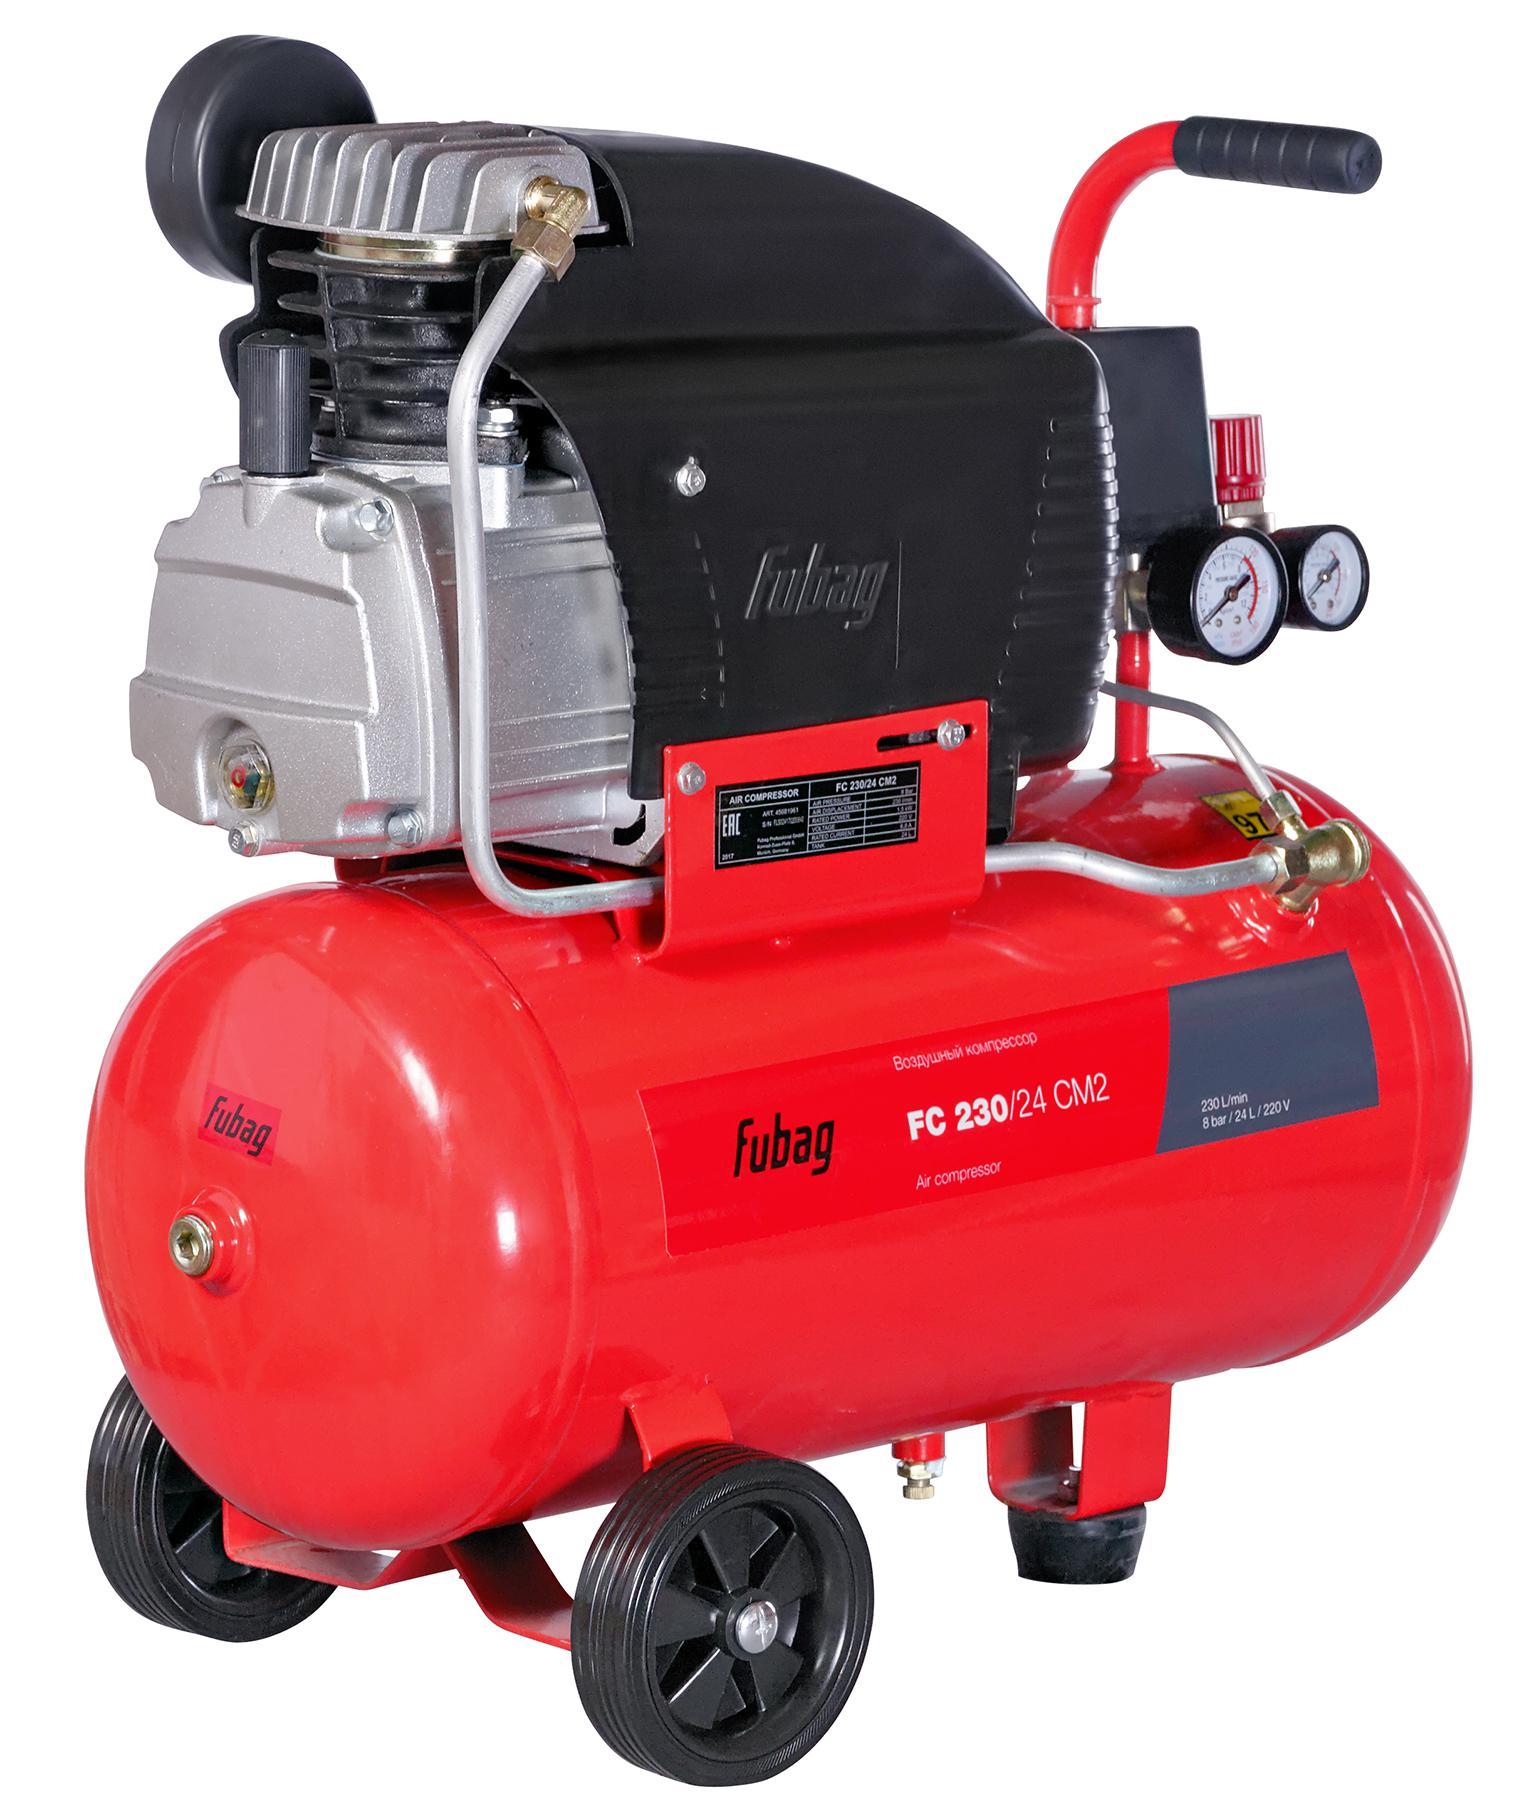 Компрессор Fubag FС 230/24 cm2 компрессор fubag fc 230 24 cm2 45681961